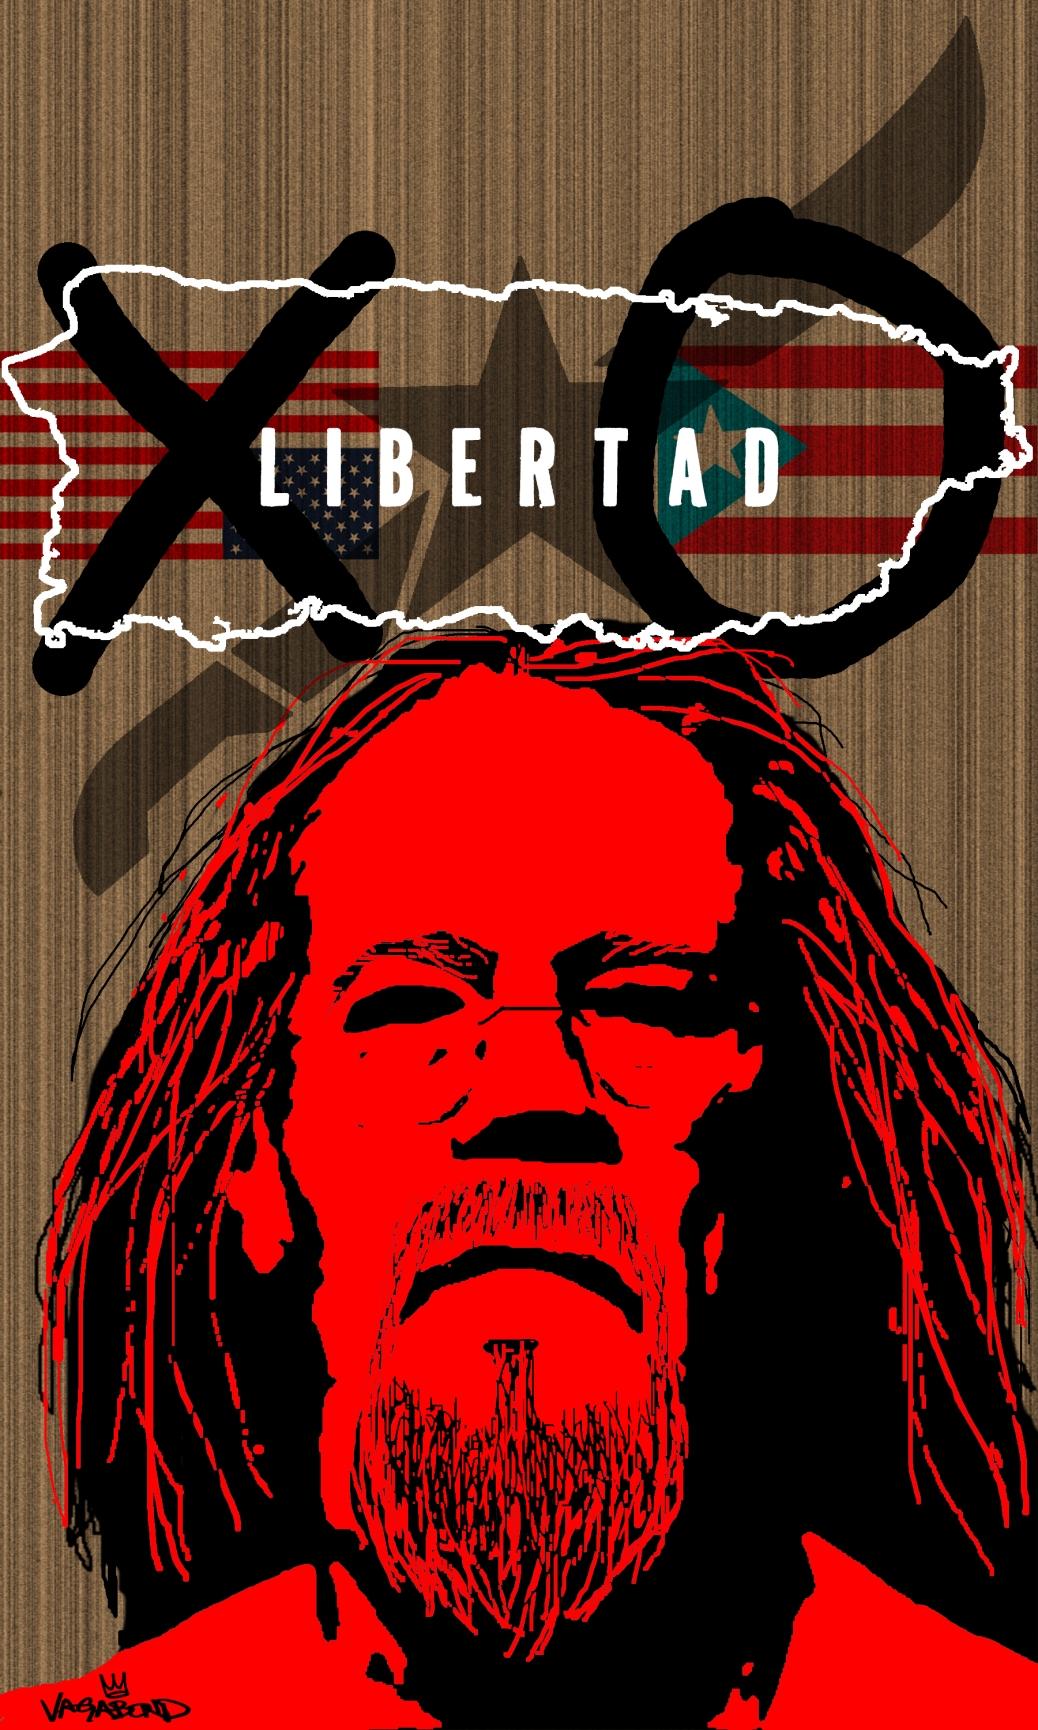 Avelino Libertad by vagabond ©